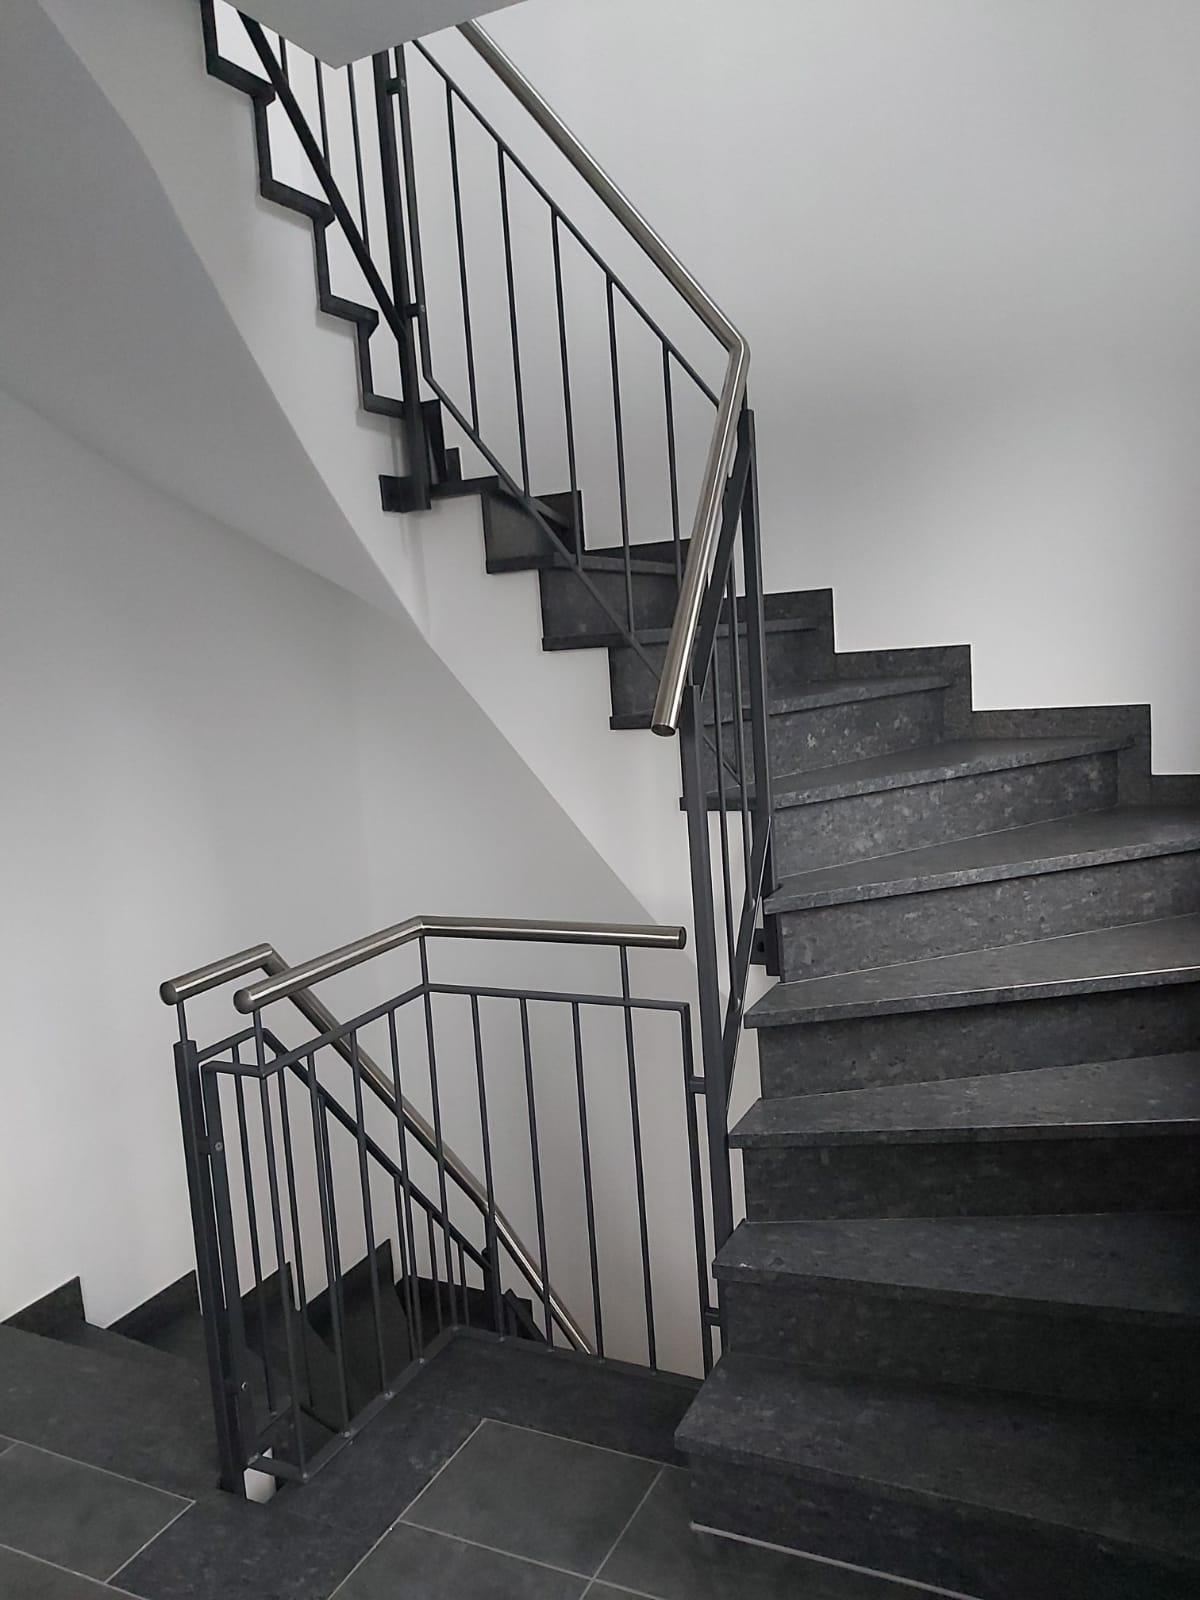 Treppengelände. Treppenturm